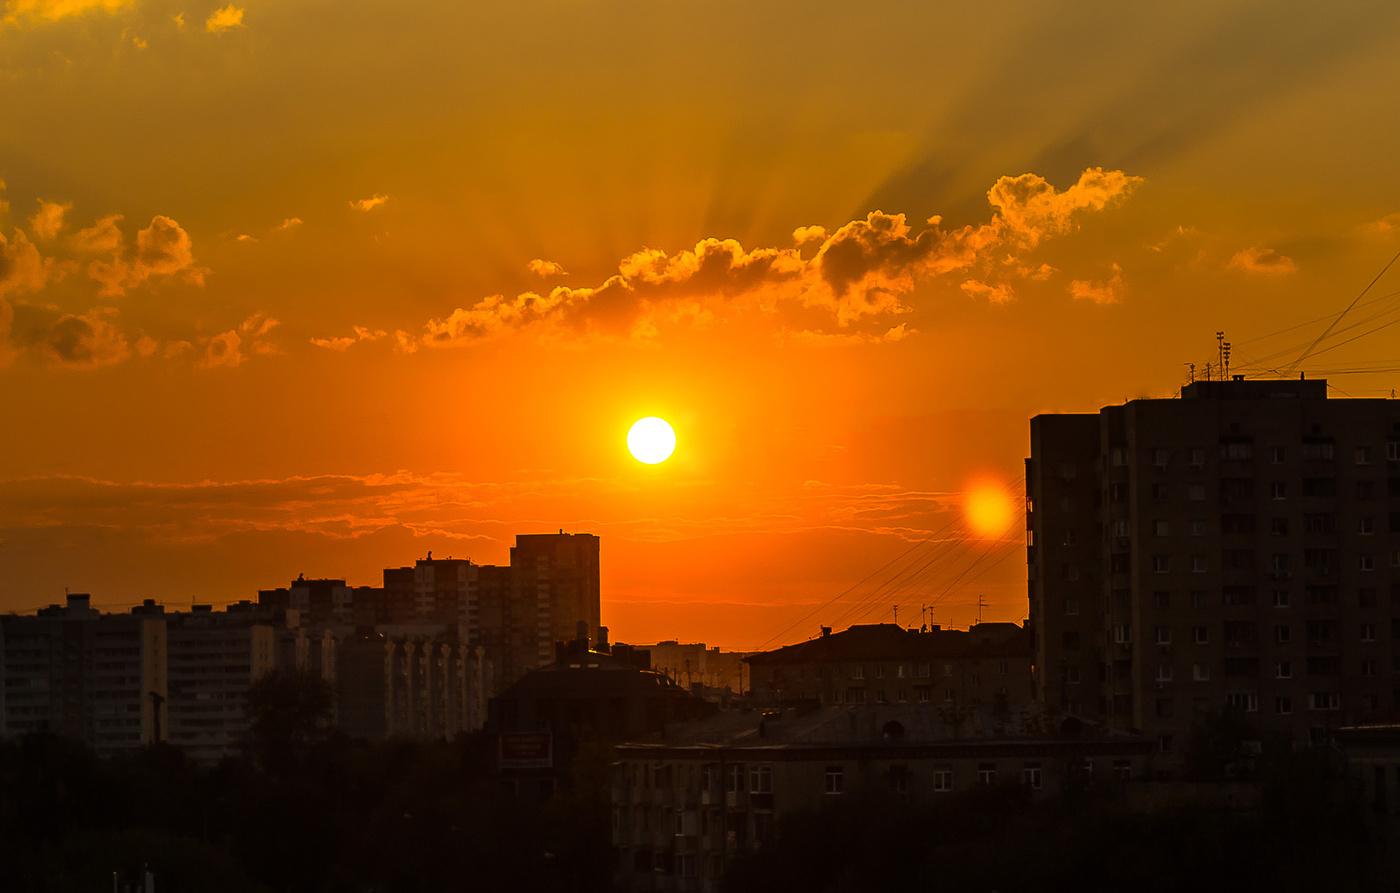 картинки заката и рассвета над городом фотографиях социальной сети